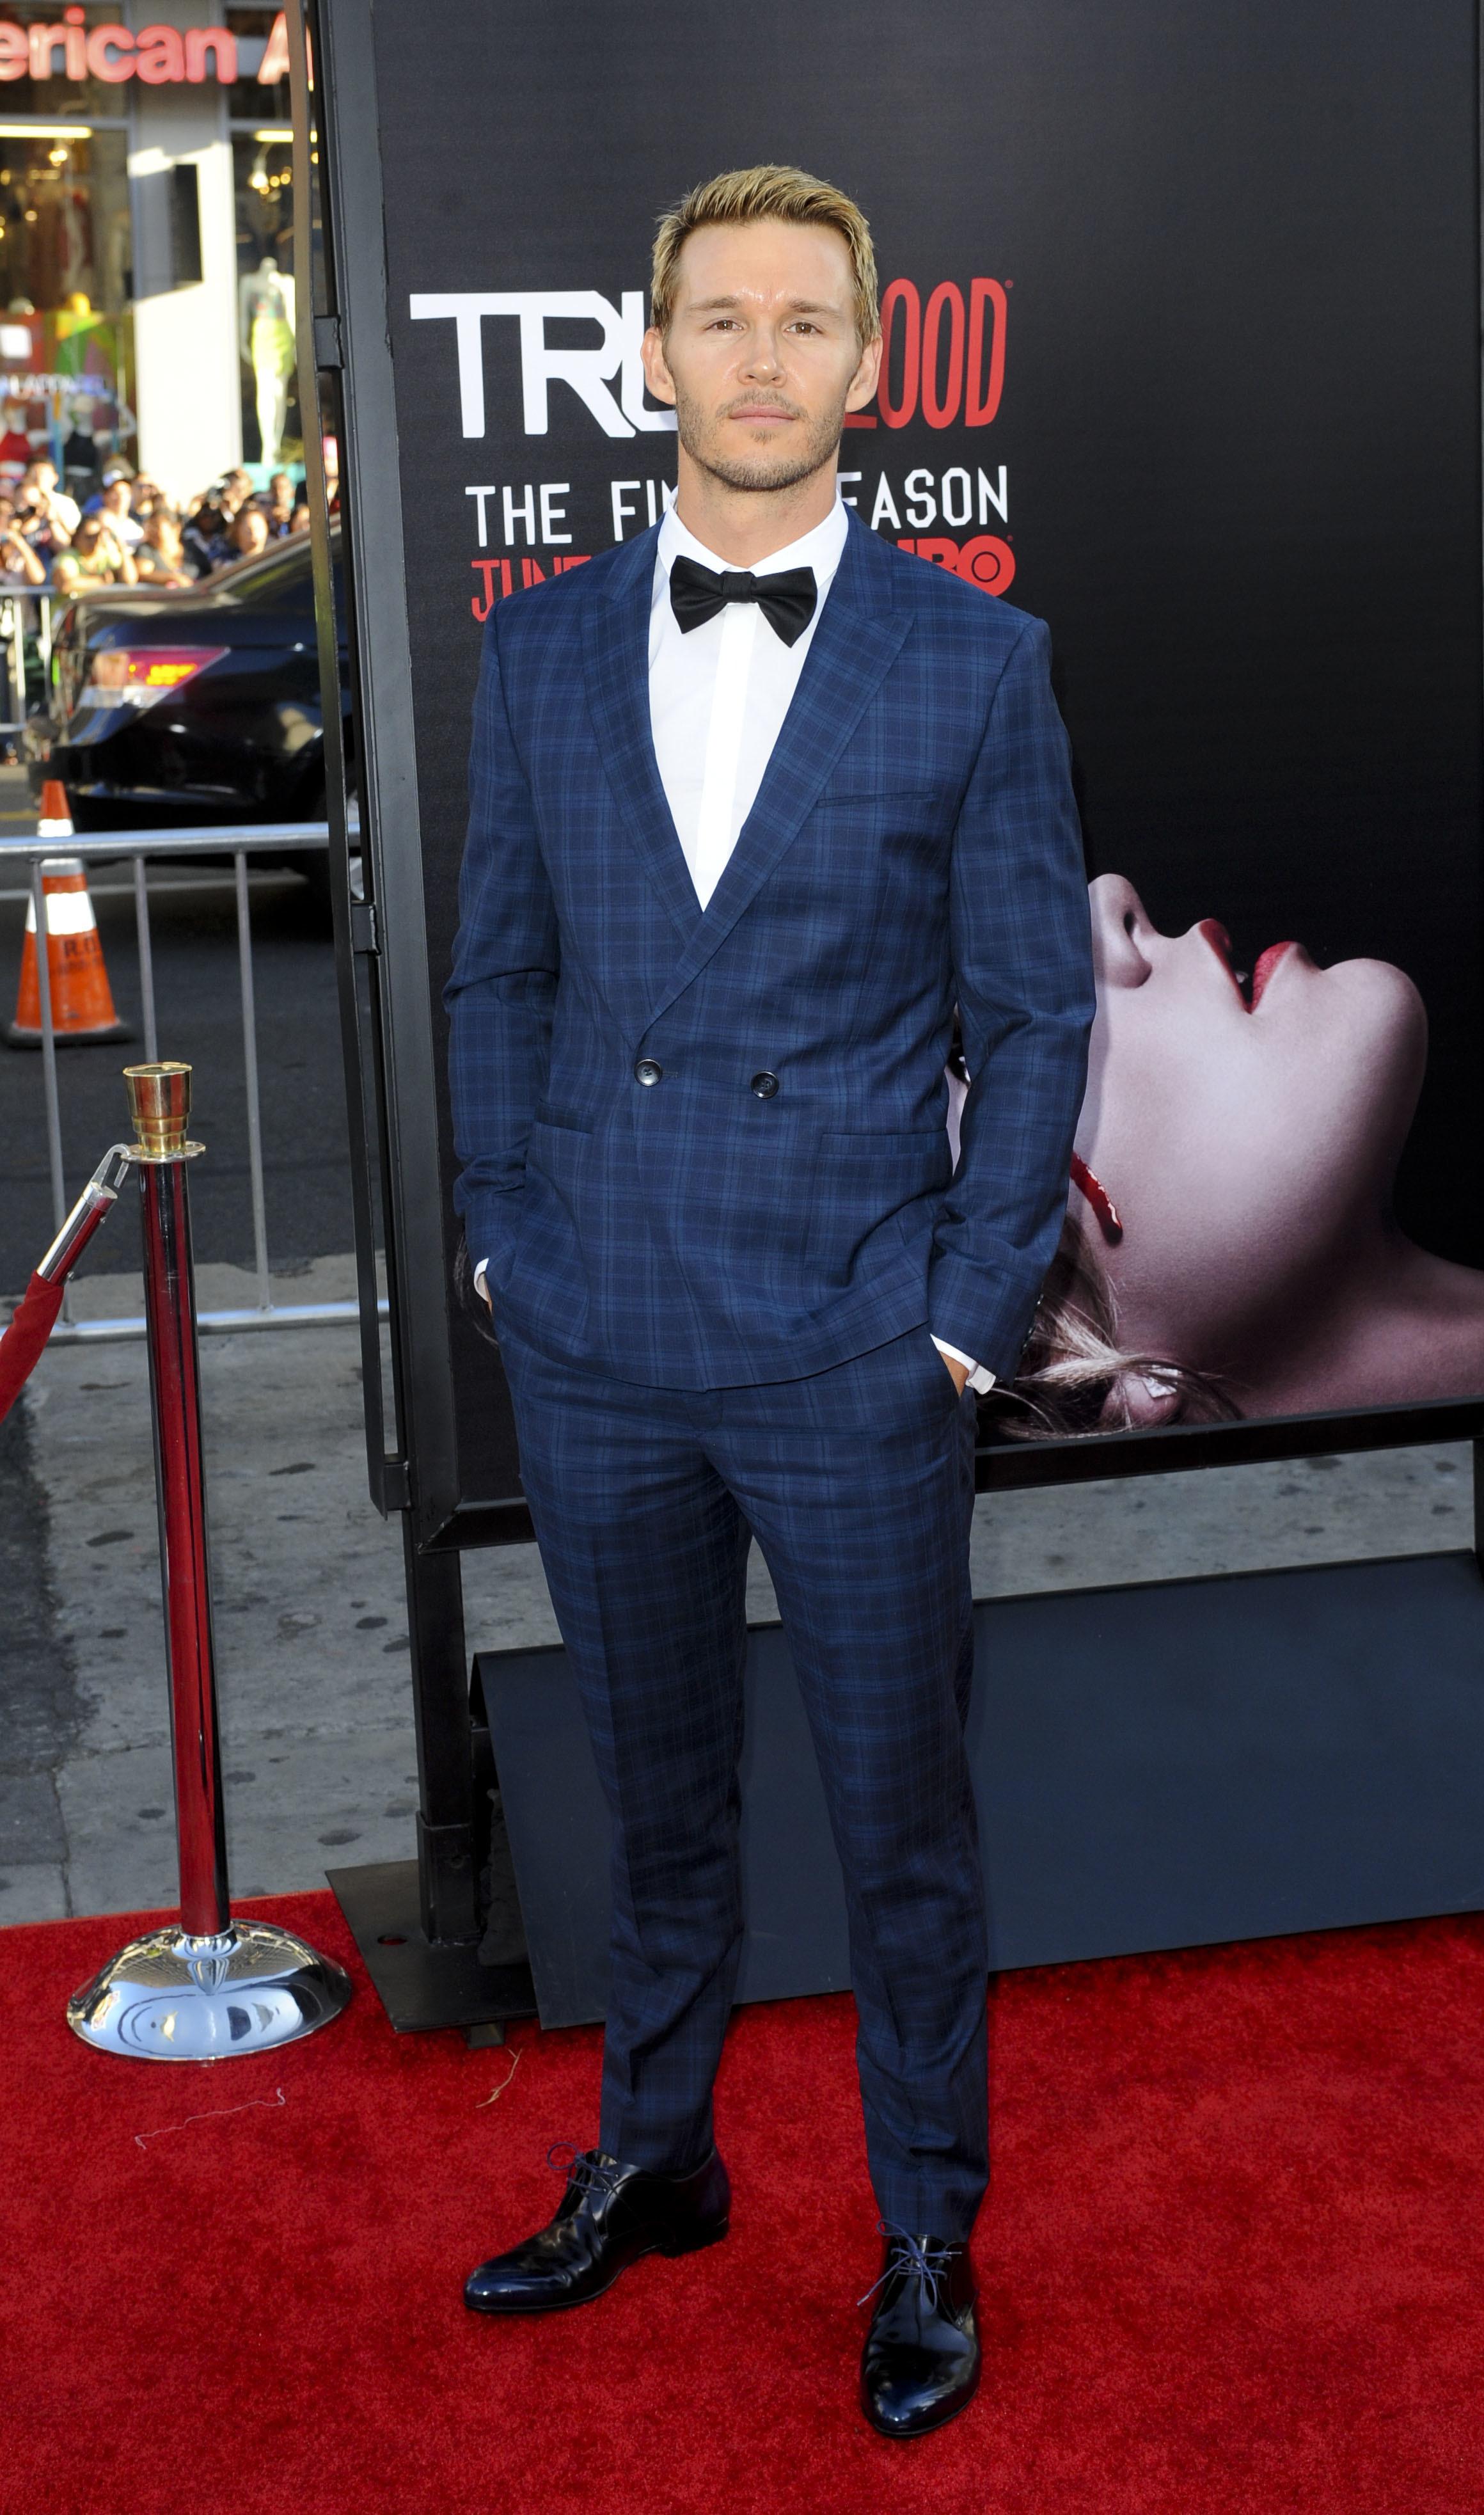 """Ryan Kwanten attends the season premiere of """"True Blood"""" in Los Angeles on June 17, 2014."""